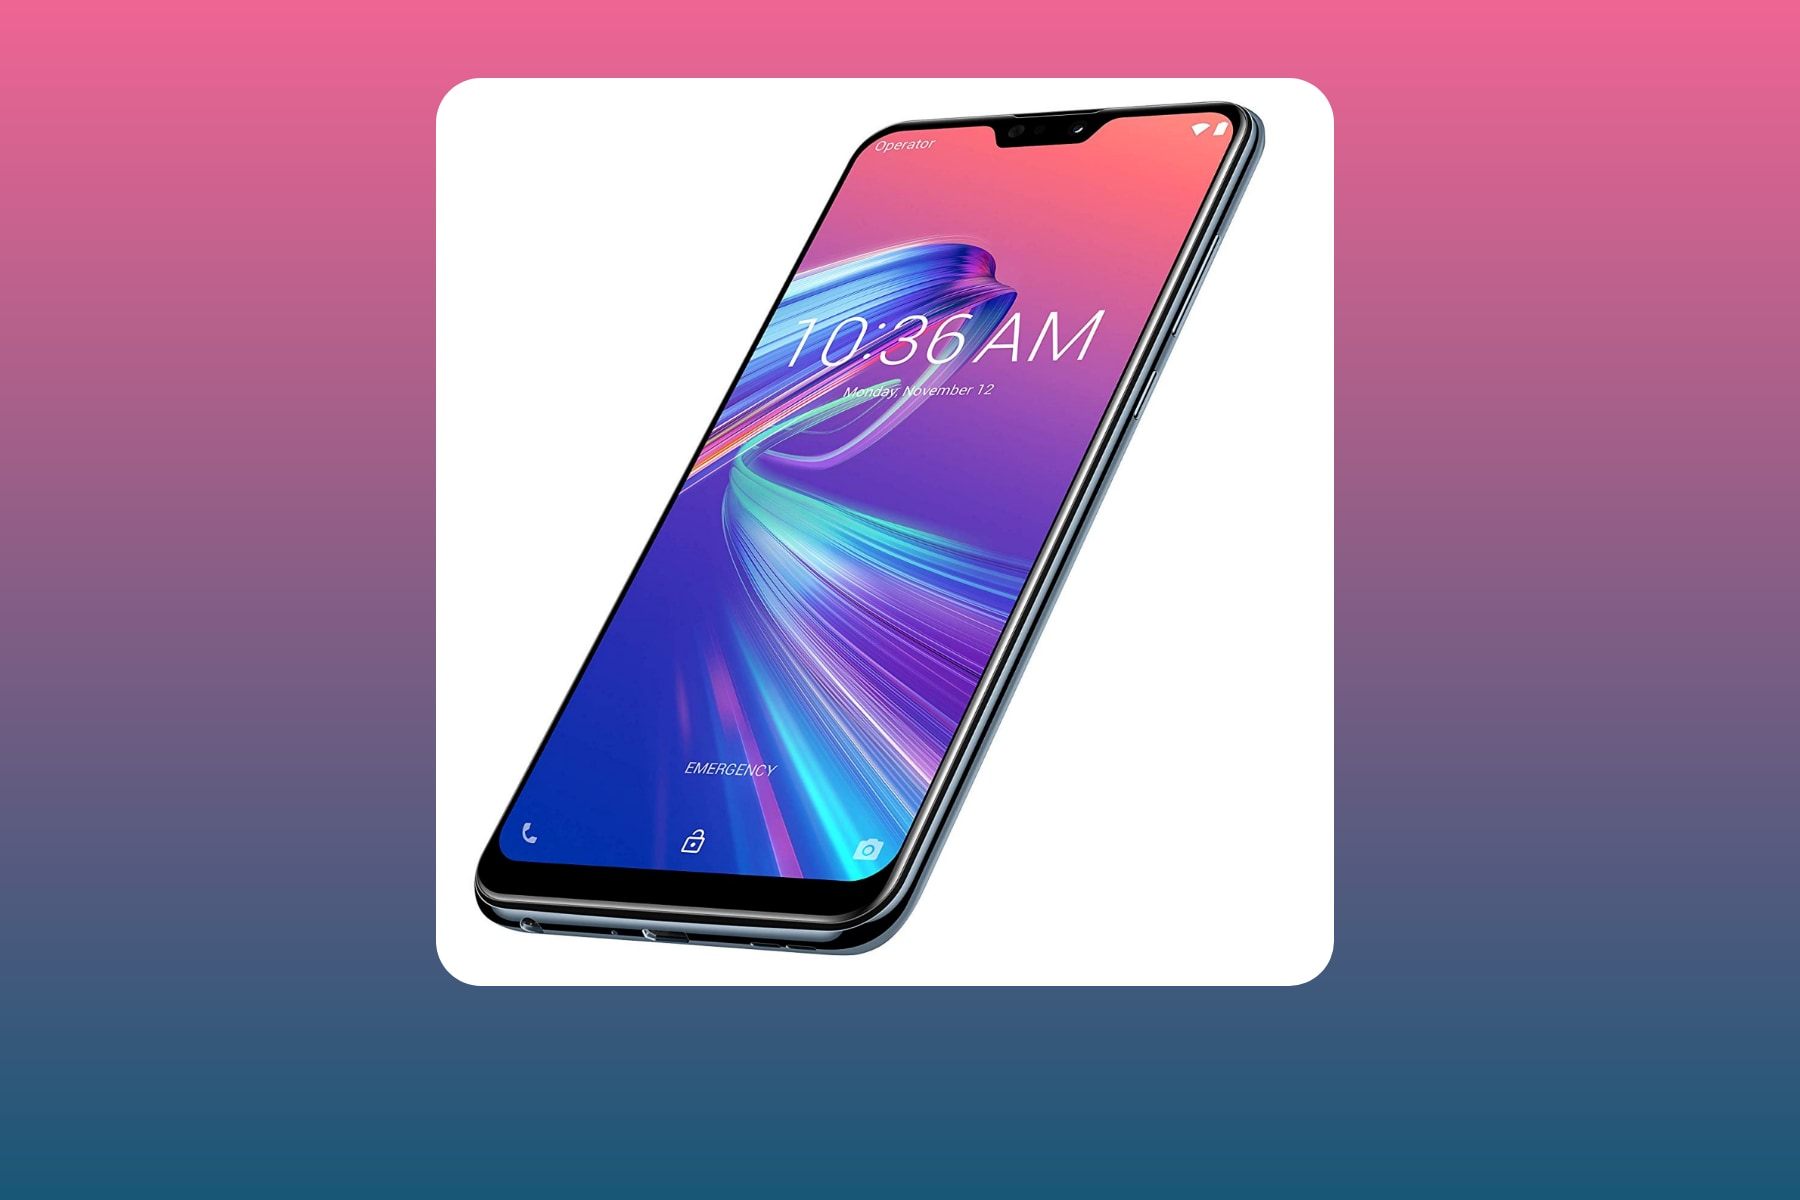 Zenfone Max Pro (M2) a 217€ da Unieuro: anti-Mi A3 con 6 GB di RAM e schermo full HD+